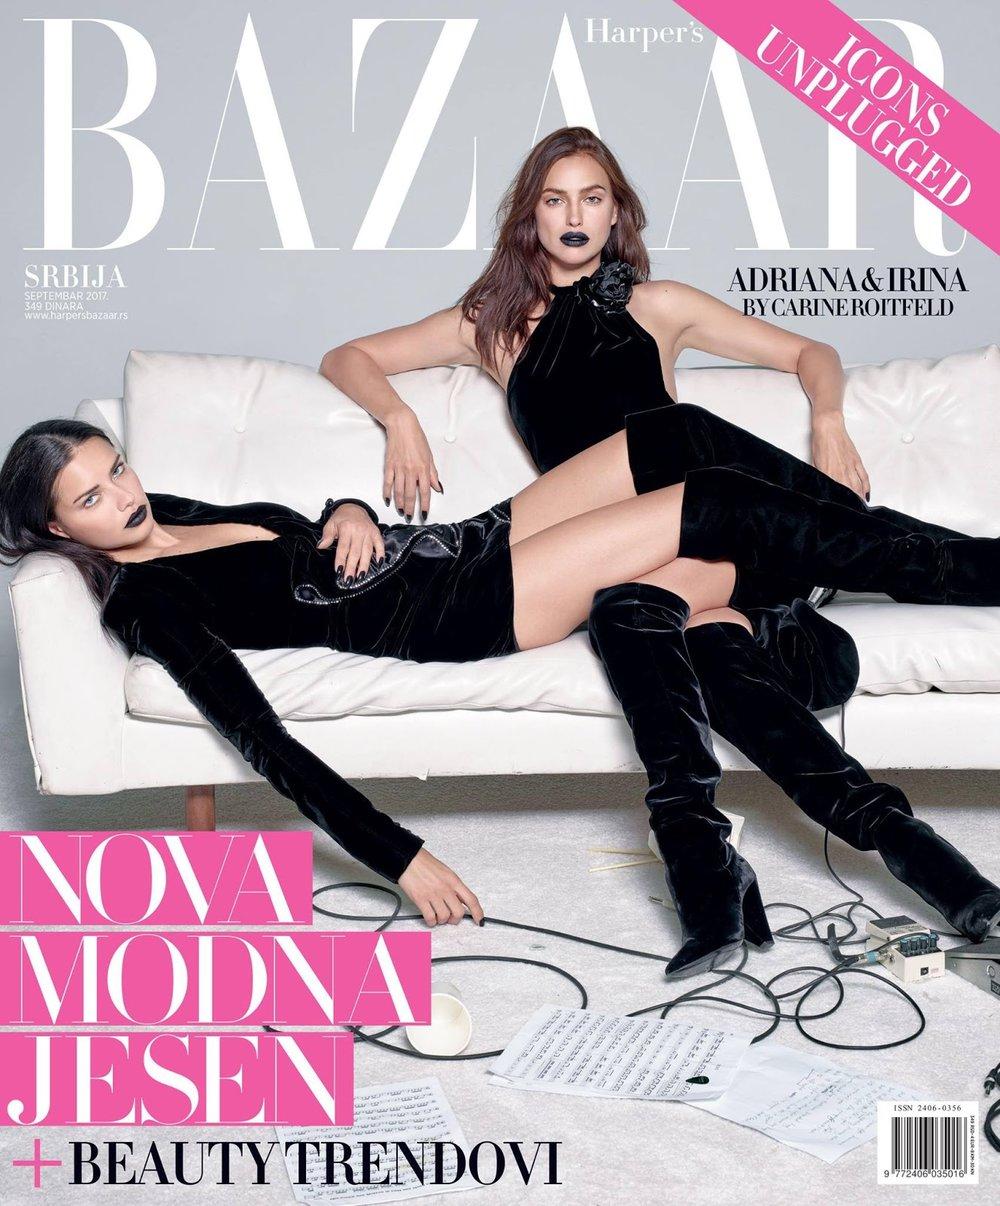 Harpers Bazaar September 2017 Serbia.jpg